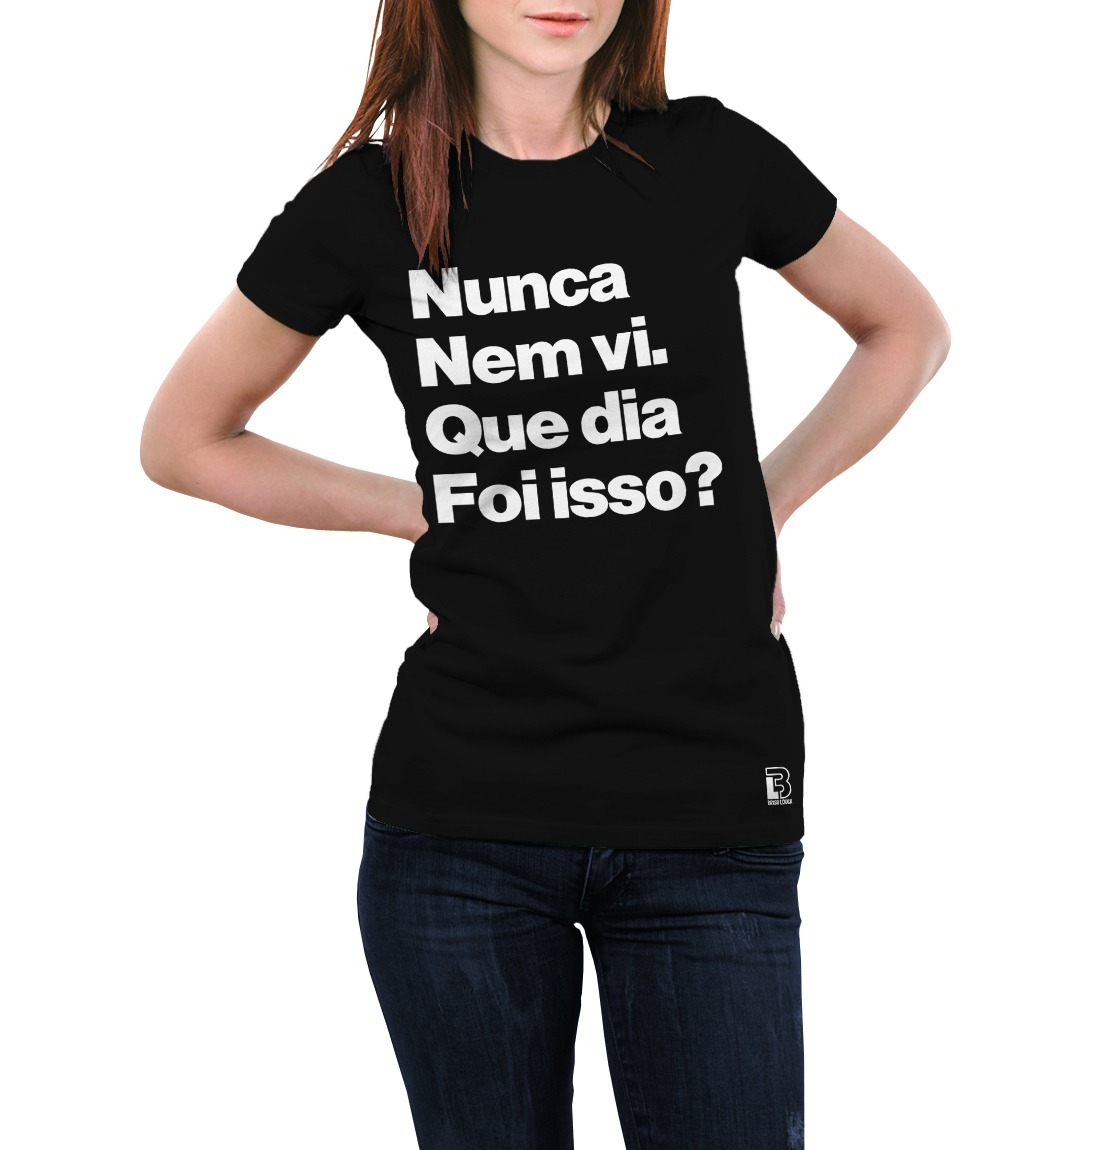 2b6595314 Camisetas Camisa Blusa Feminino Nunca Nem Vi